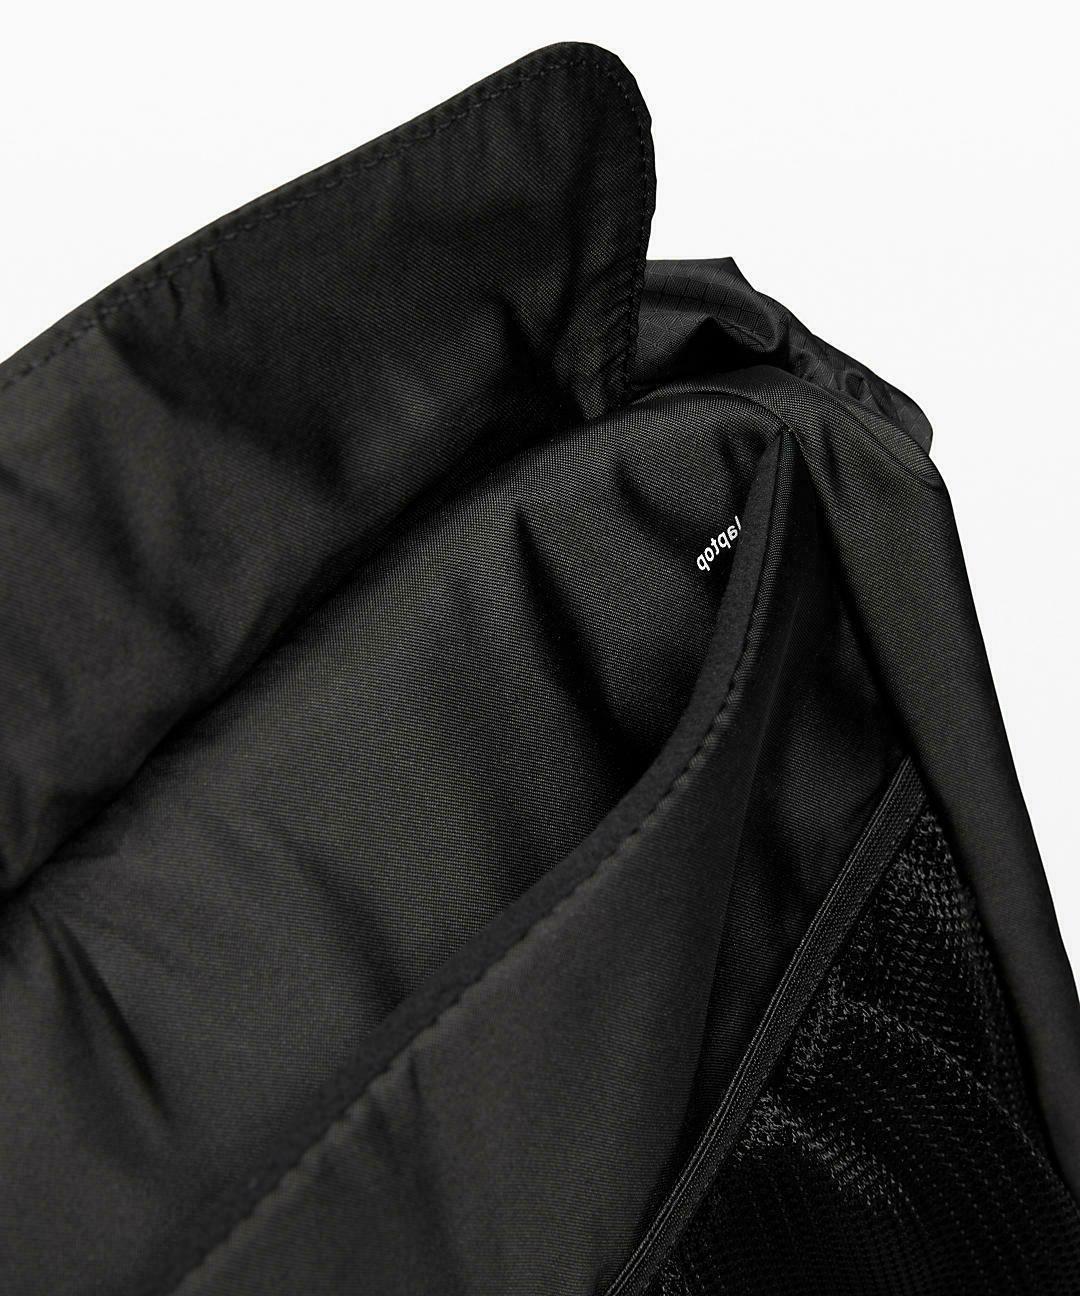 NWT Day Bag Backpack Black tote